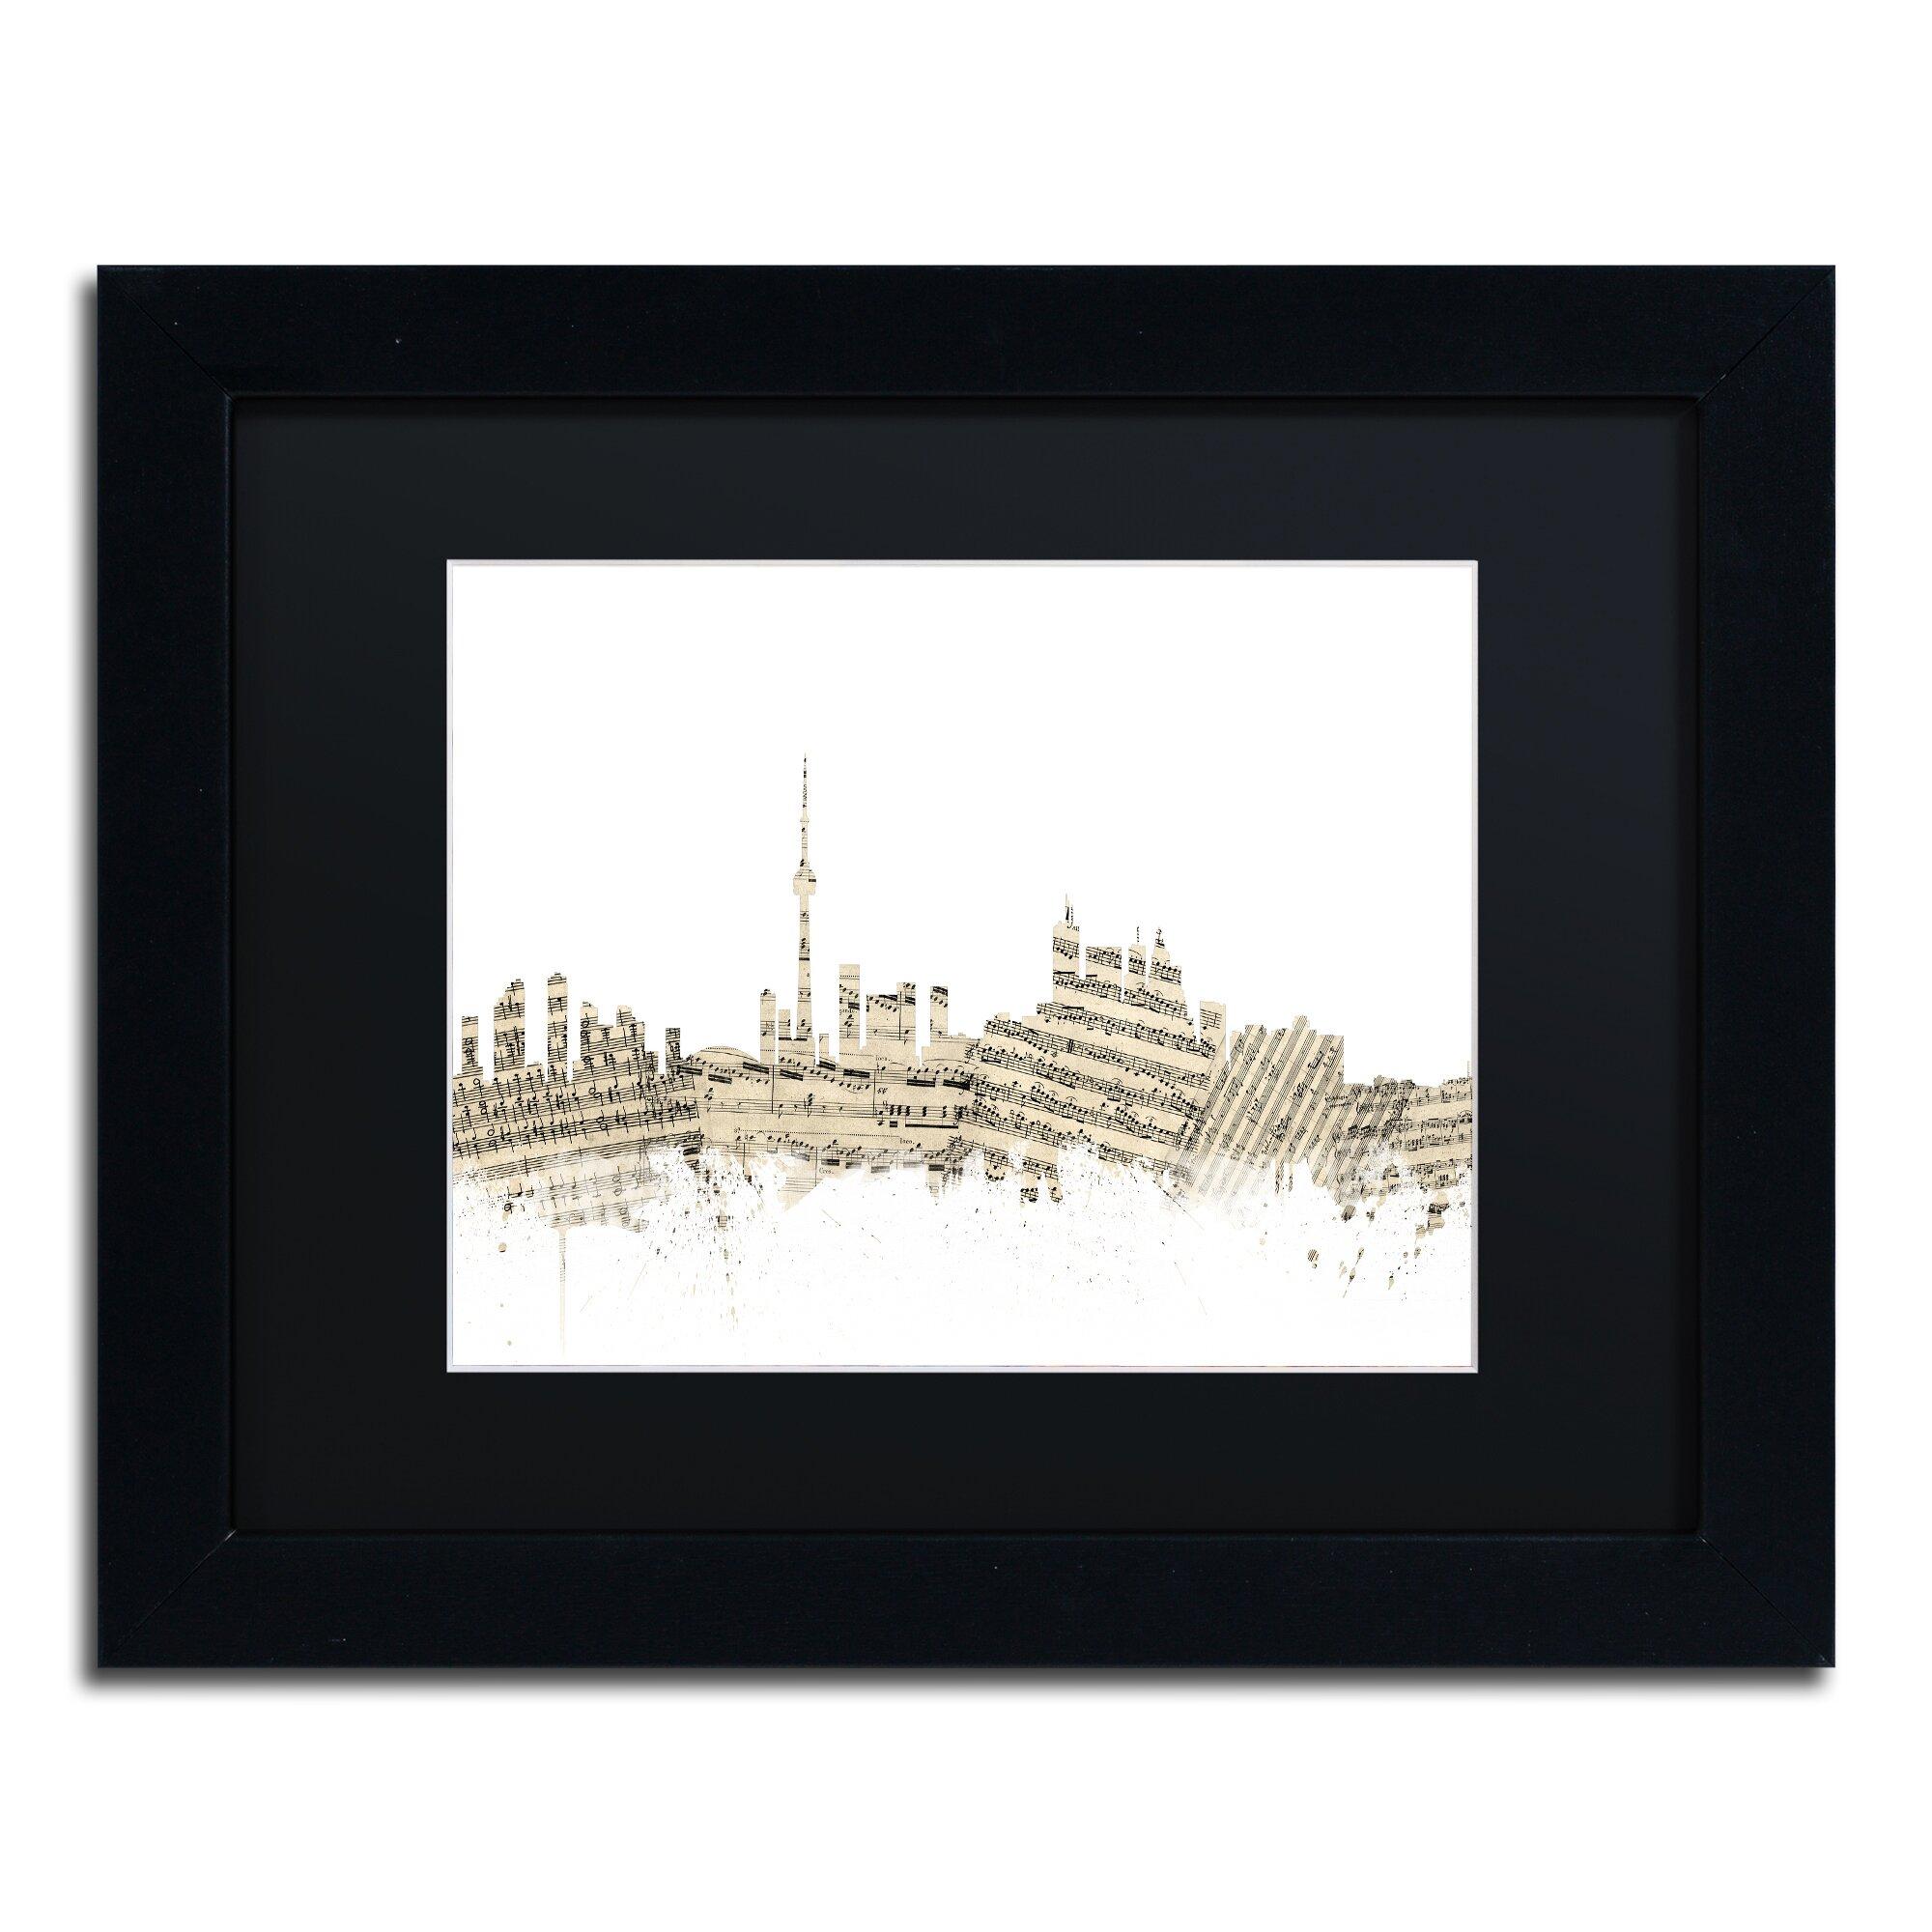 Toronto Skyline Sheet Music By Michael Tompsett Framed Graphic Art In Black